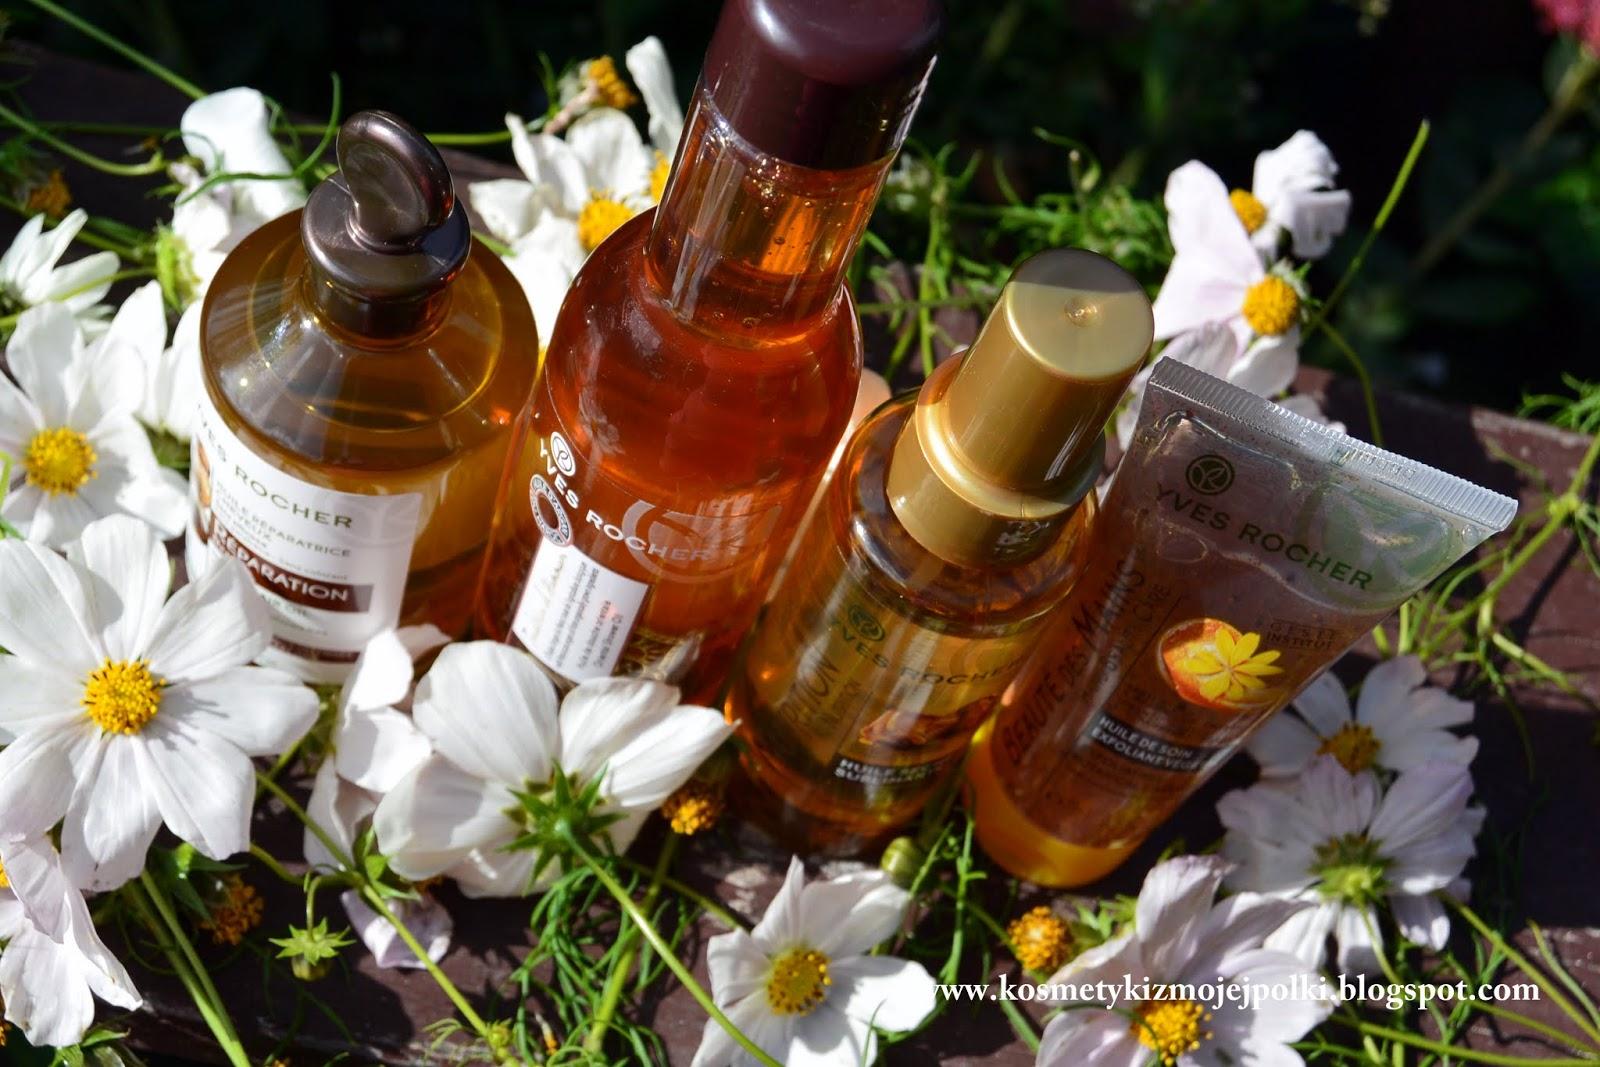 Oleje i olejki z Yves Rocher ☺